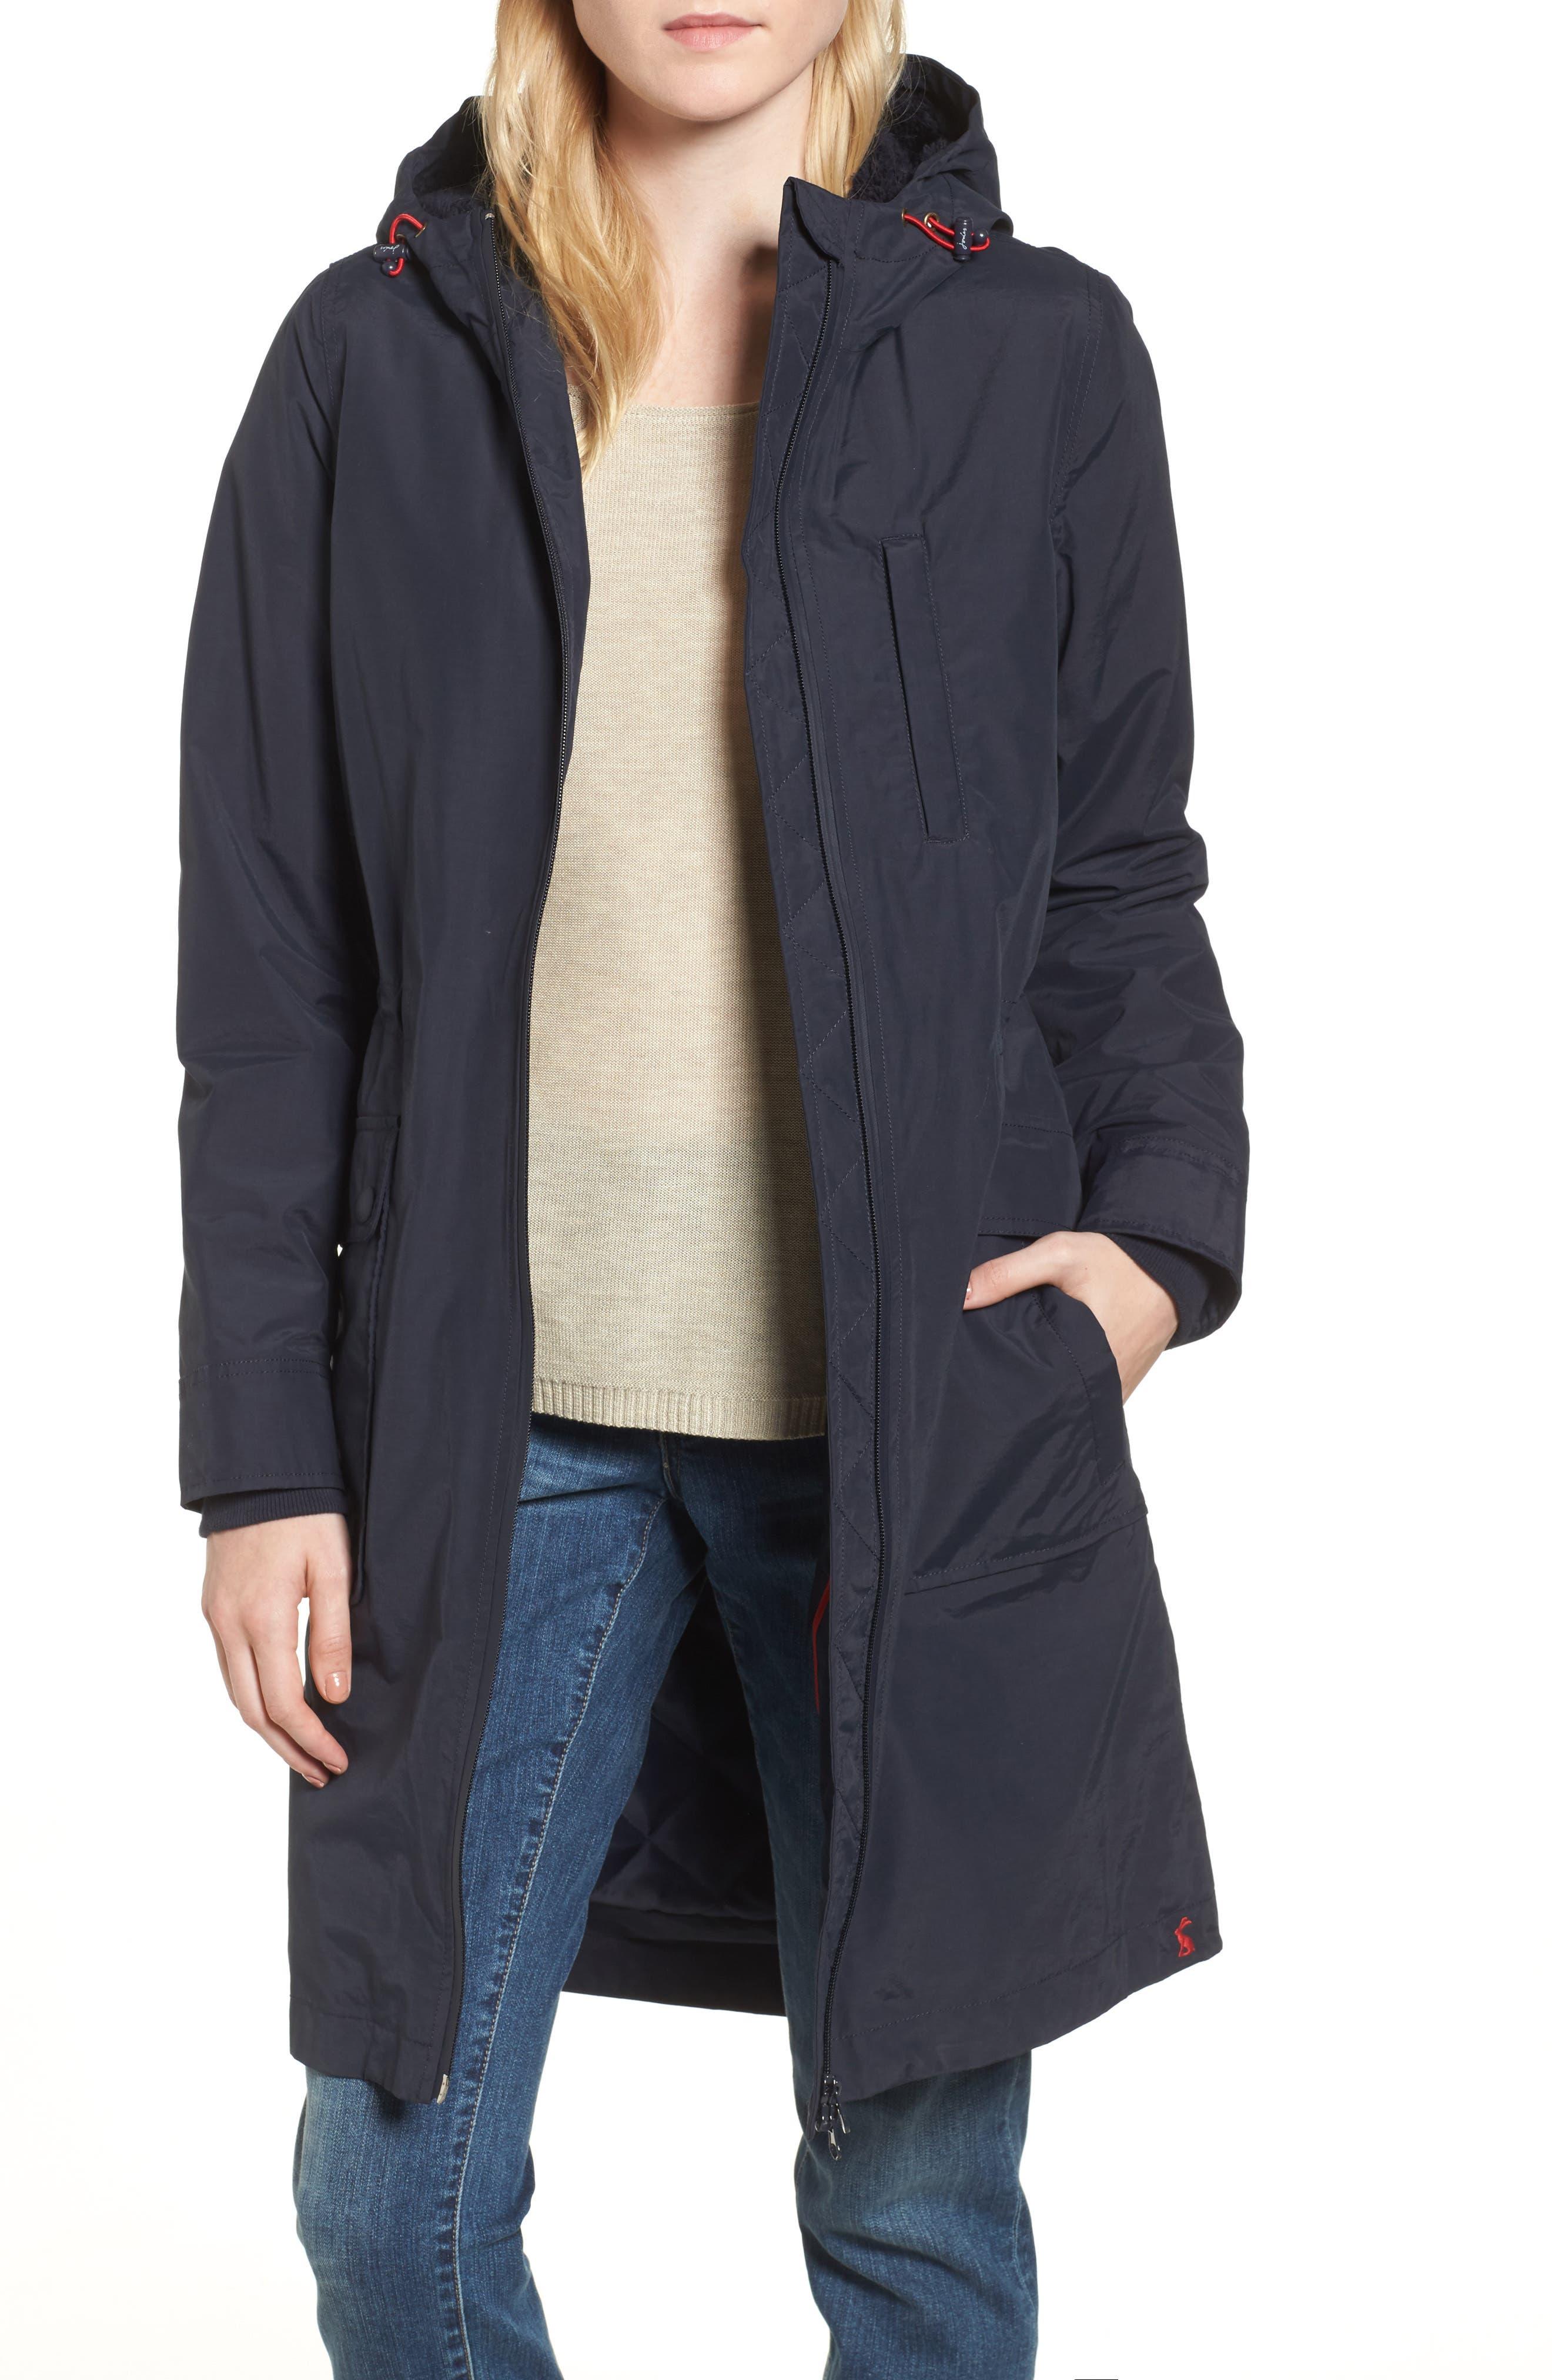 Hooded Fleece Lined Raincoat,                             Main thumbnail 1, color,                             410